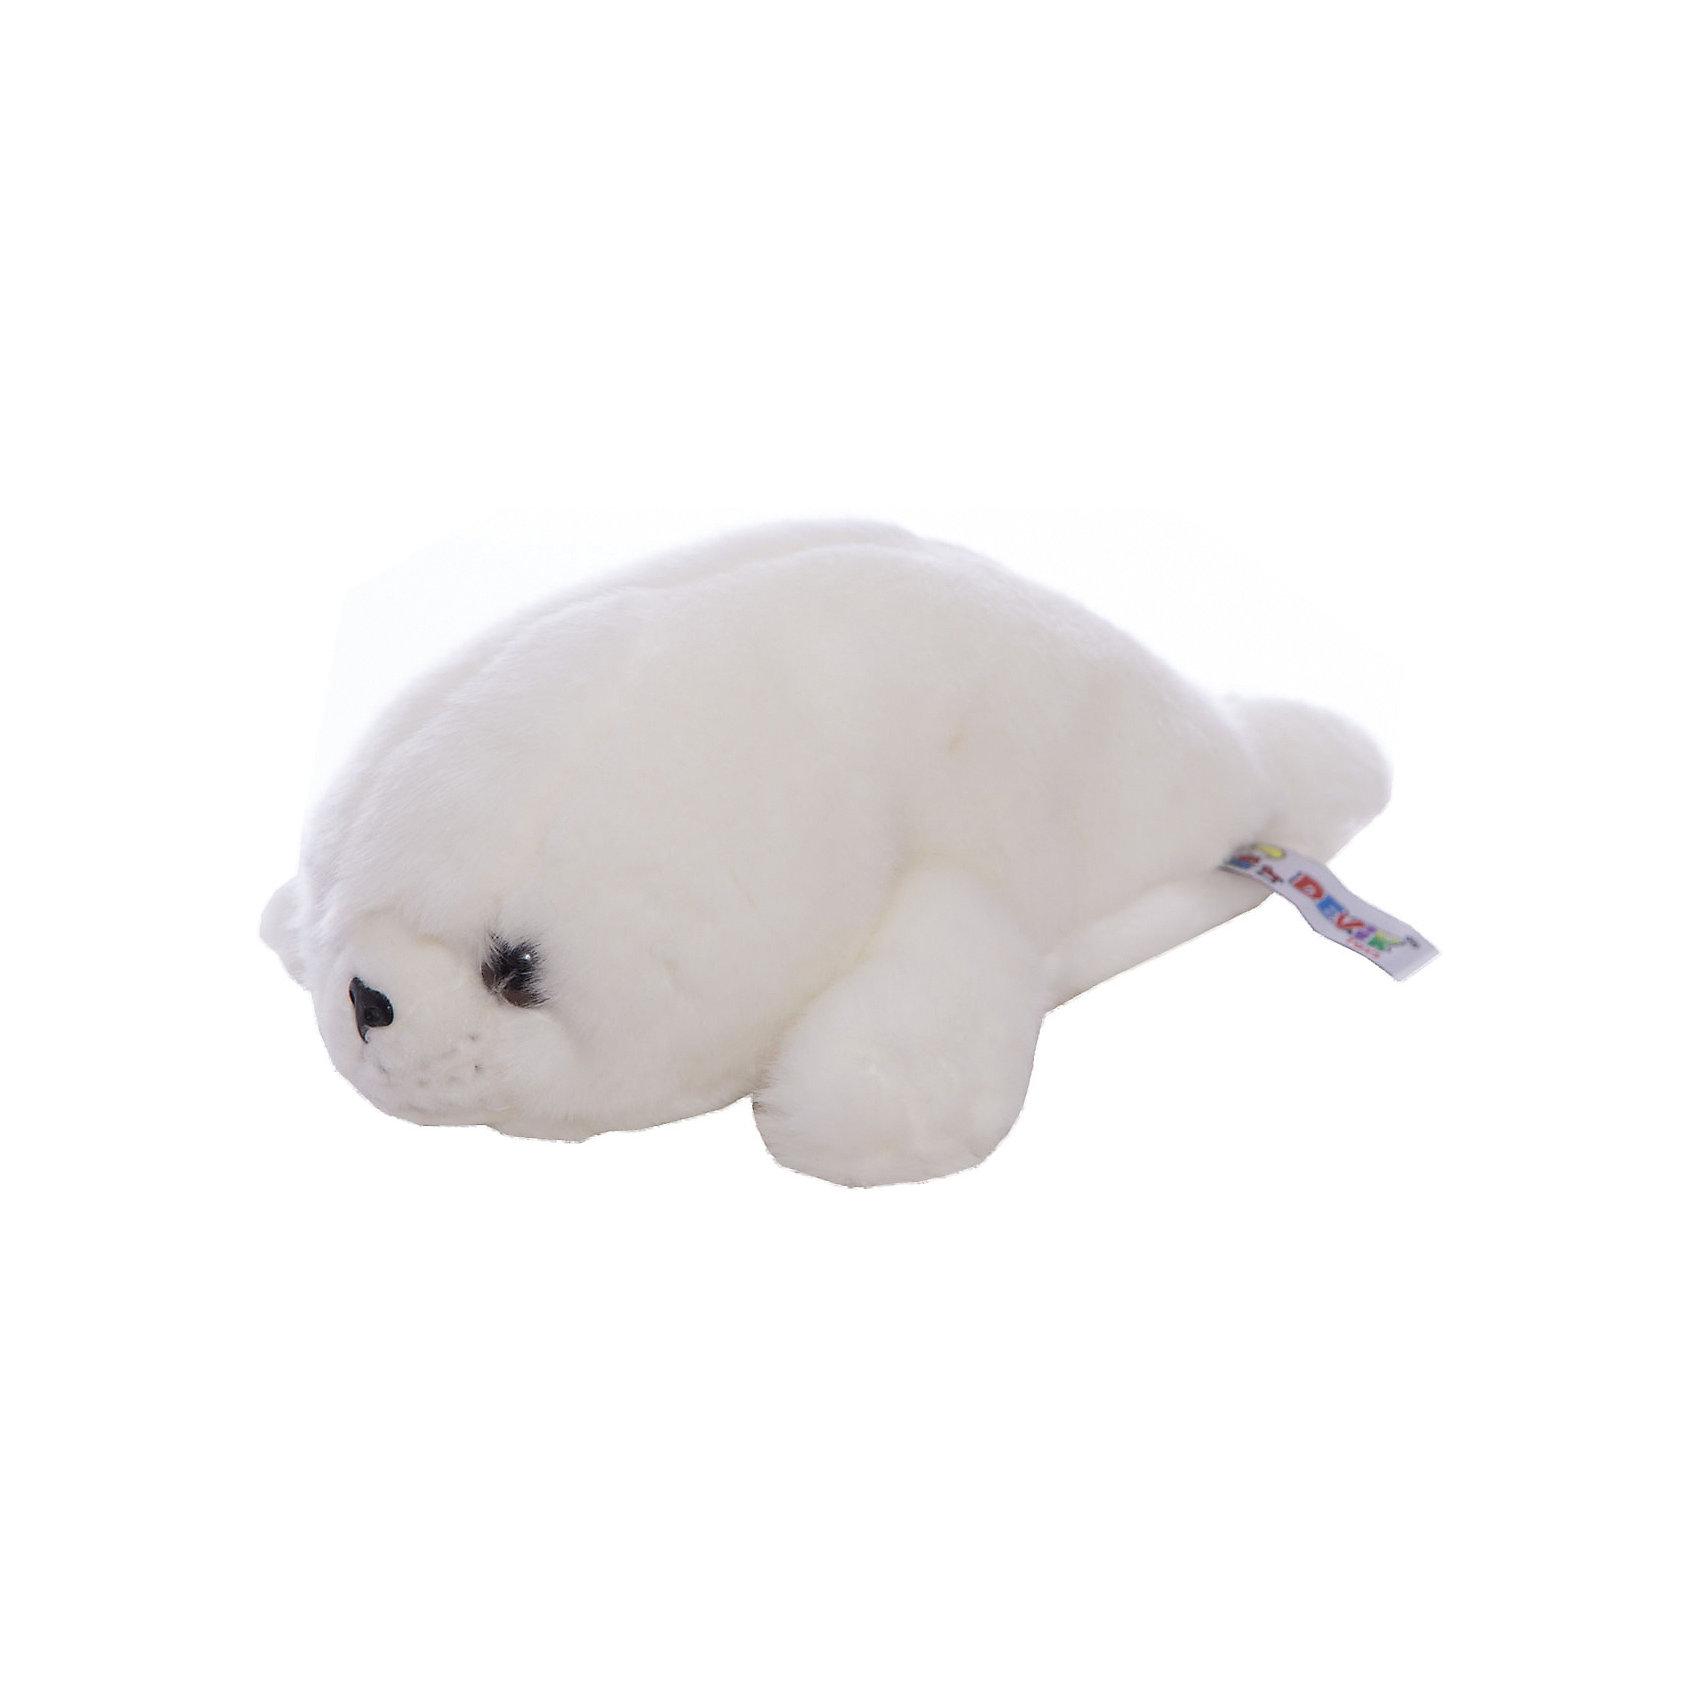 Мягкая игрушка Devik Toys Морской котик, 33 смМягкие игрушки животные<br>Характеристики:<br><br>• возраст: от 3 лет;<br>• материал: искусственный мех, синтепон;<br>• длина игрушки: 33 см;<br>• цвет: белый.<br><br>Белый морской котик стает хорошим подарком к празднику для мальчиков и девочек. Мягкая игрушка изготовлена из гипоаллергенных материалов, абсолютно безопасных для детей. Морской котик обтянут ворсистым плюшем, имитирующим шерсть животного. Глаза сделаны из пластиковых бусин. В качестве наполнителя используется высококачественный синтепон.<br><br>Морской котик может быть героем в ролевых играх, украшением детской комнаты или игрушкой, с которой малыш будет спать в кровати.<br><br>Мягкую игрушку «Морской котик, 33 см», Девилон М можно купить в нашем интернет-магазине.<br><br>Ширина мм: 130<br>Глубина мм: 200<br>Высота мм: 330<br>Вес г: 150<br>Возраст от месяцев: 36<br>Возраст до месяцев: 2147483647<br>Пол: Унисекс<br>Возраст: Детский<br>SKU: 7129562